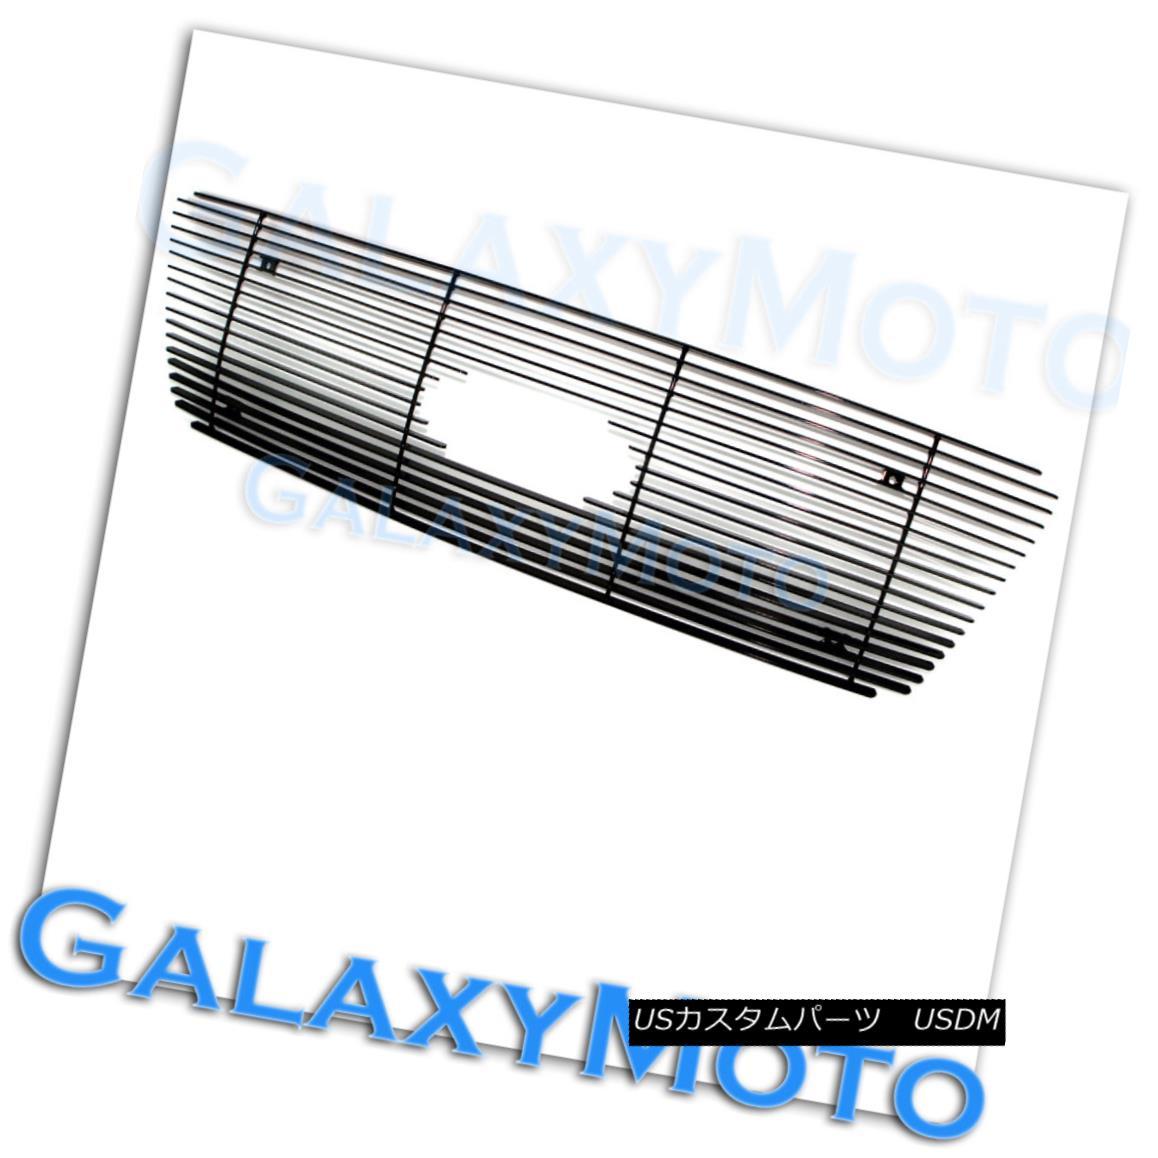 グリル 04-08 Ford F150 Honeycomb Style All Black Billet Grille Overlay LOGO w/ Cutout 04-08 Ford F150ハニカムスタイル全てのBlack Billet Grille Overlayロゴカットアウト